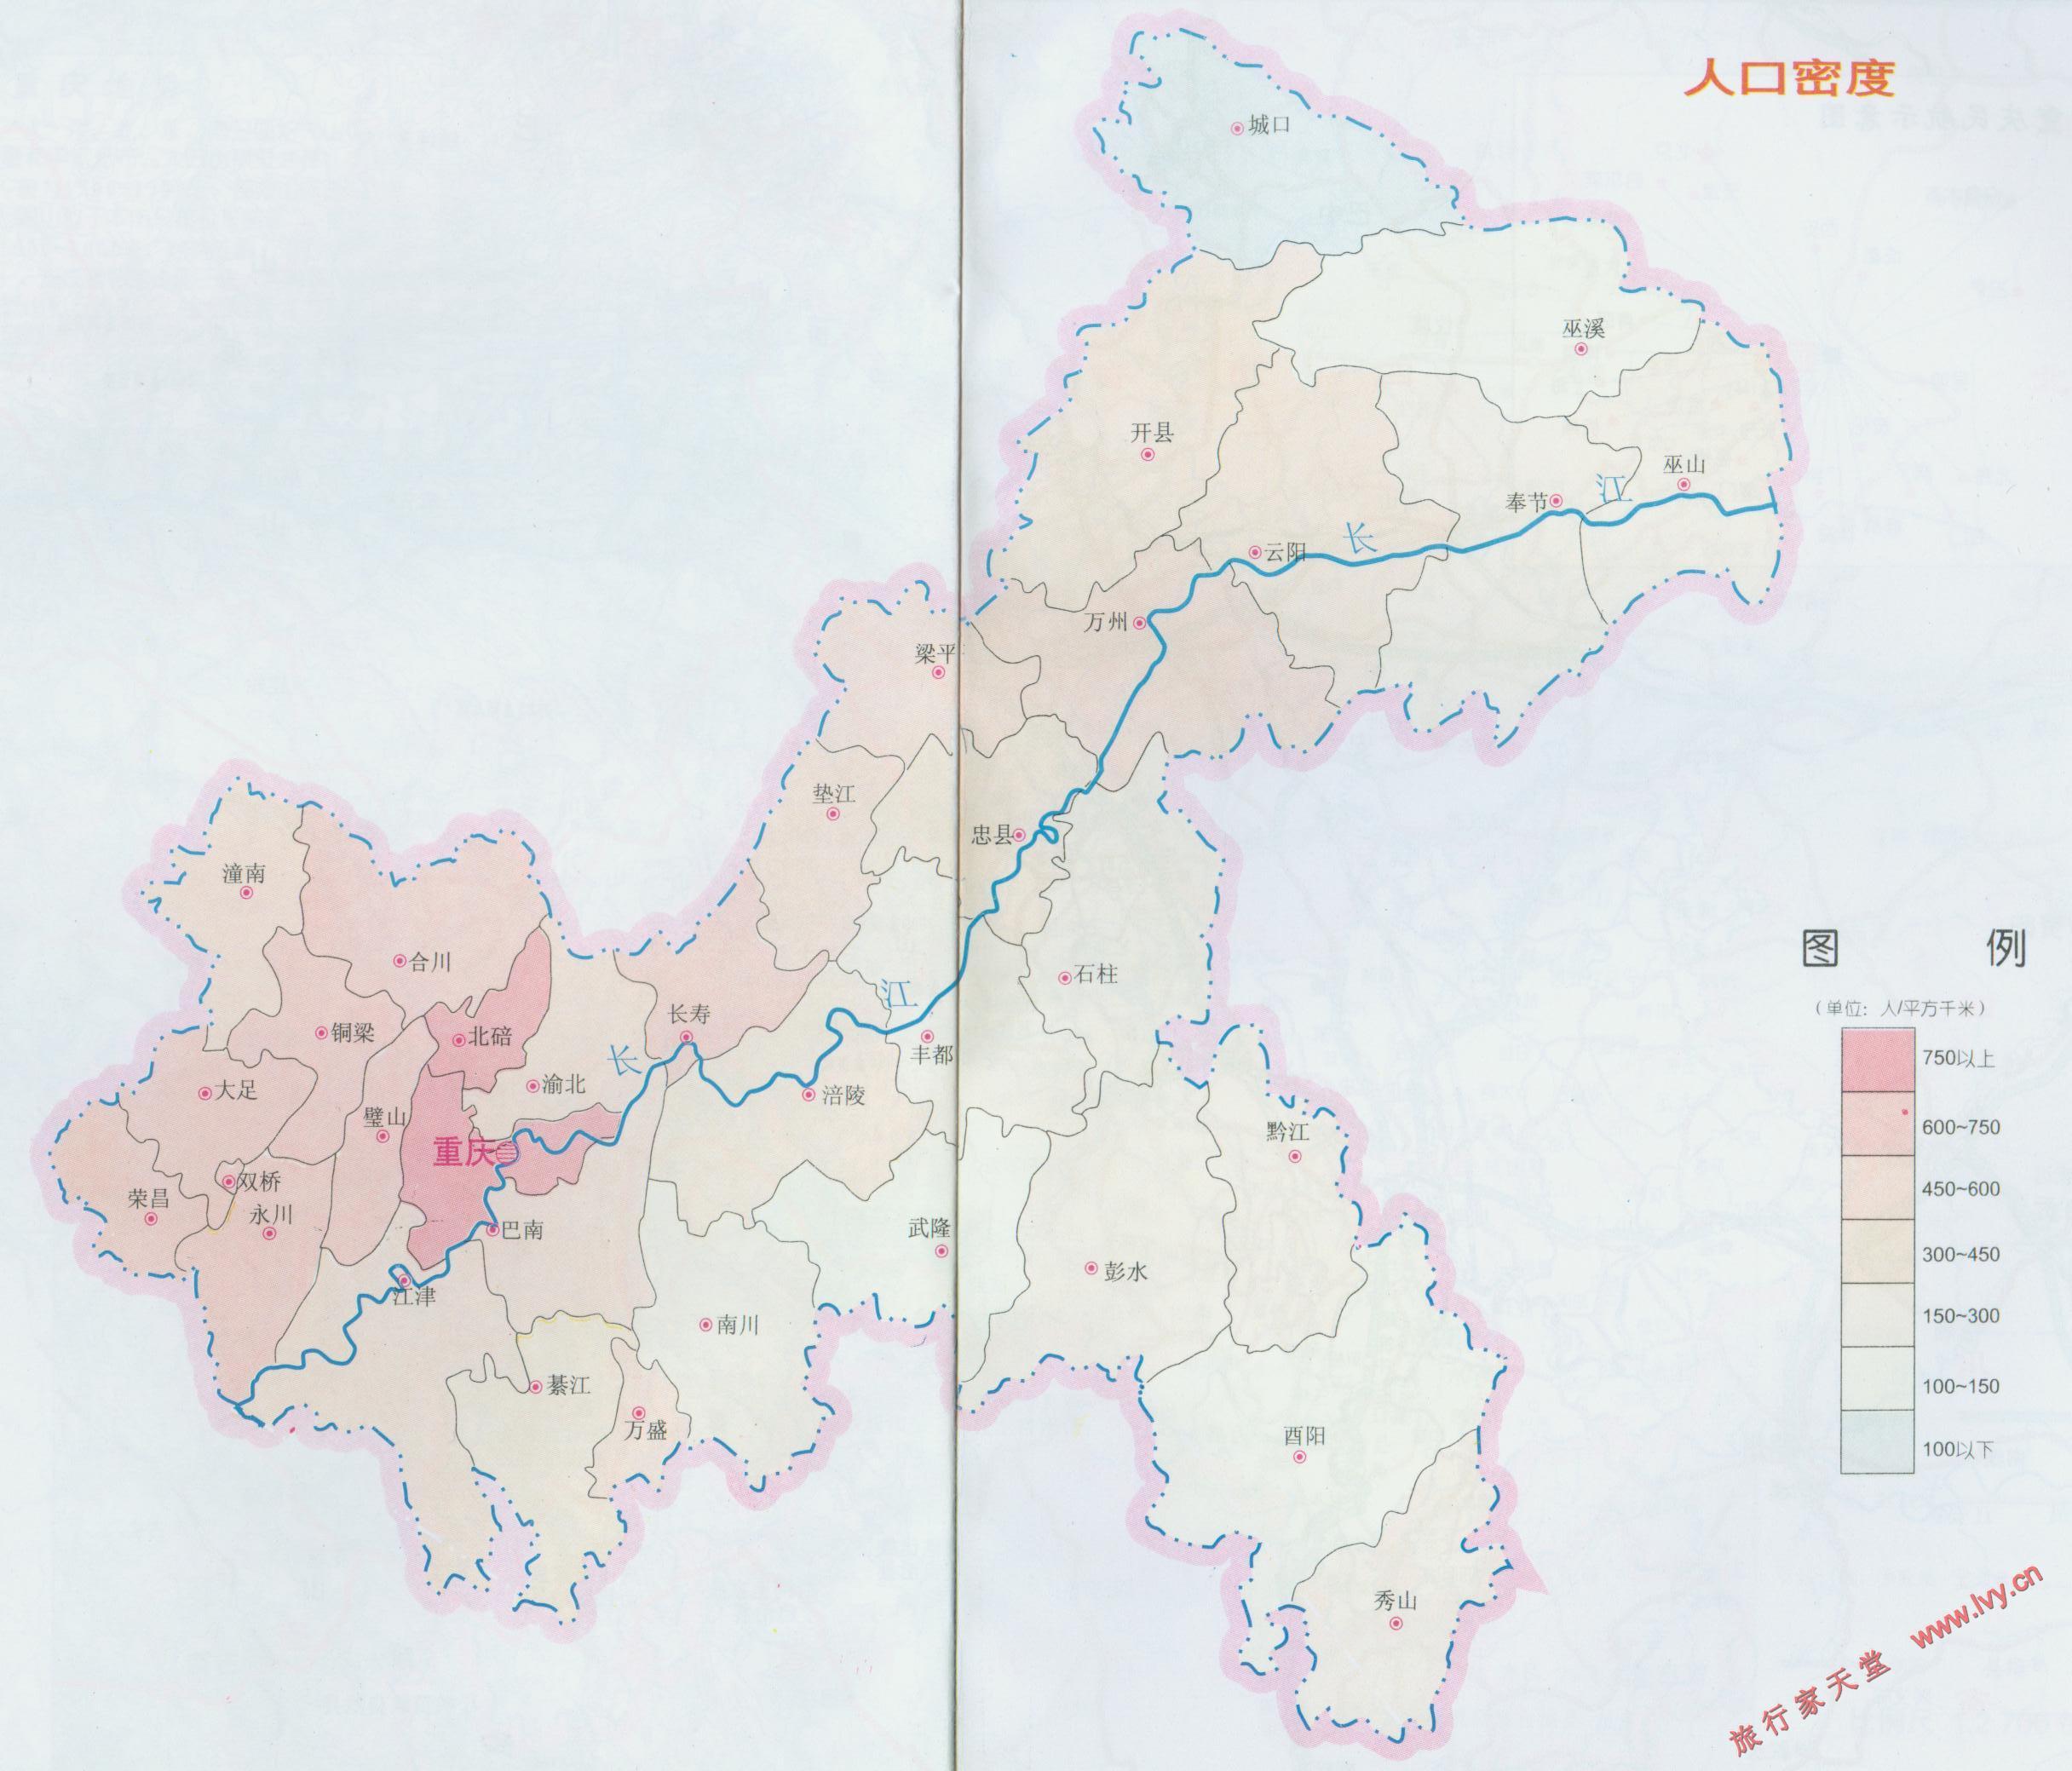 重庆主城区人口_重庆主城区人口密度